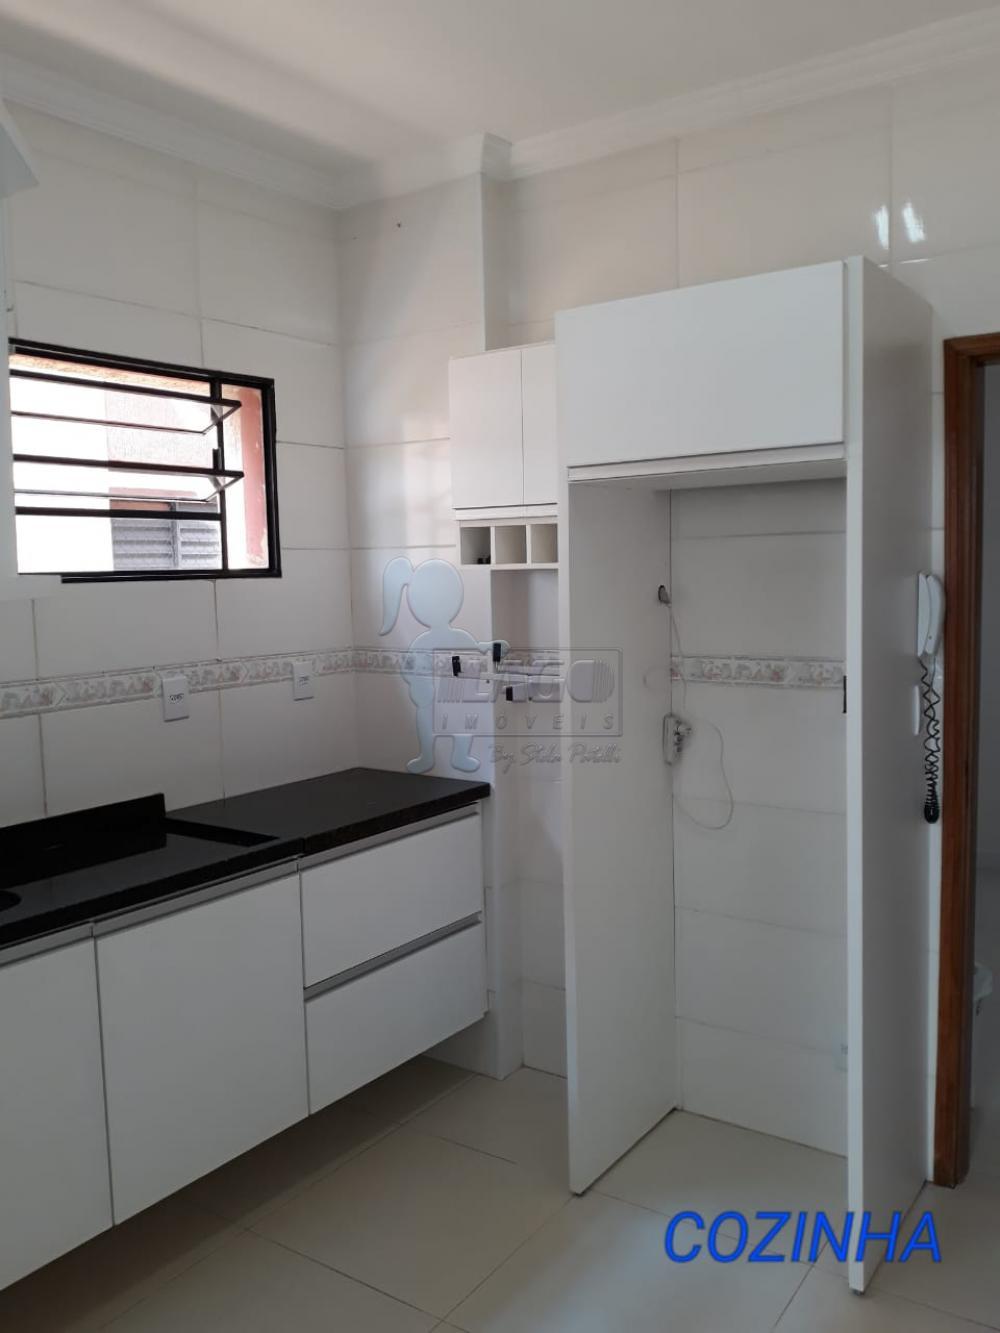 Alugar Apartamento / Padrão em Ribeirão Preto apenas R$ 900,00 - Foto 8